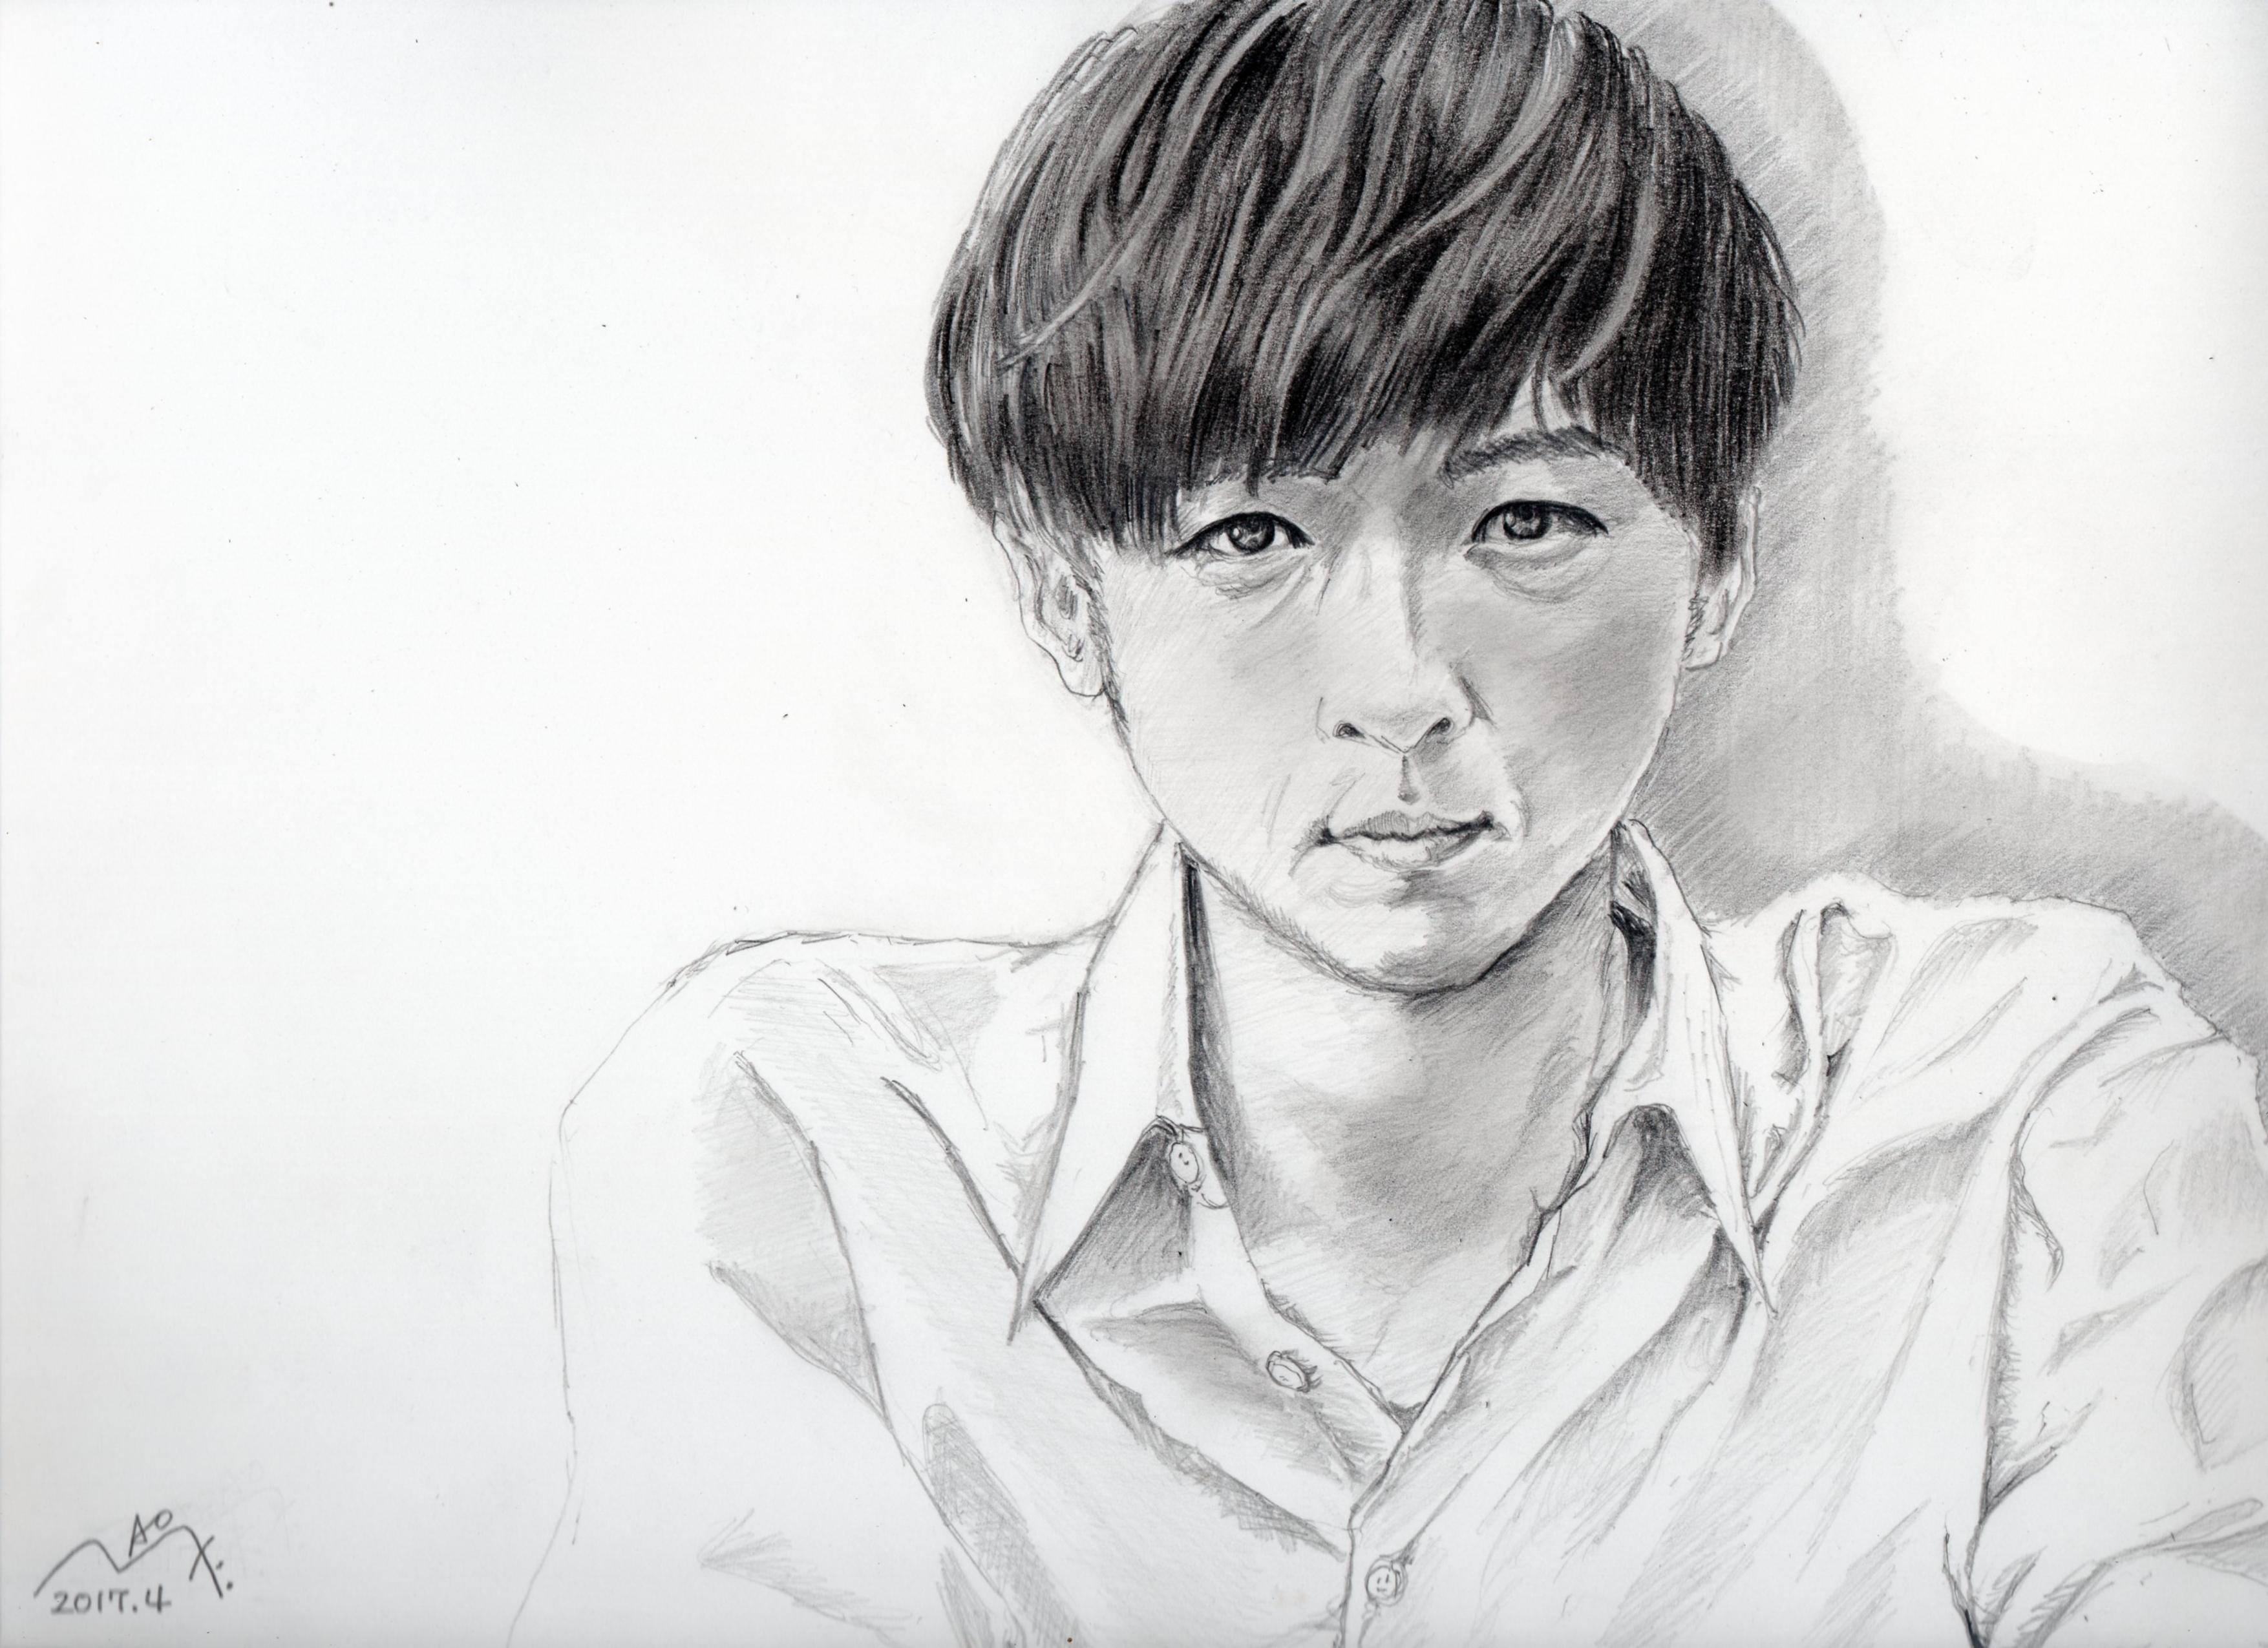 高橋一生の鉛筆画似顔絵